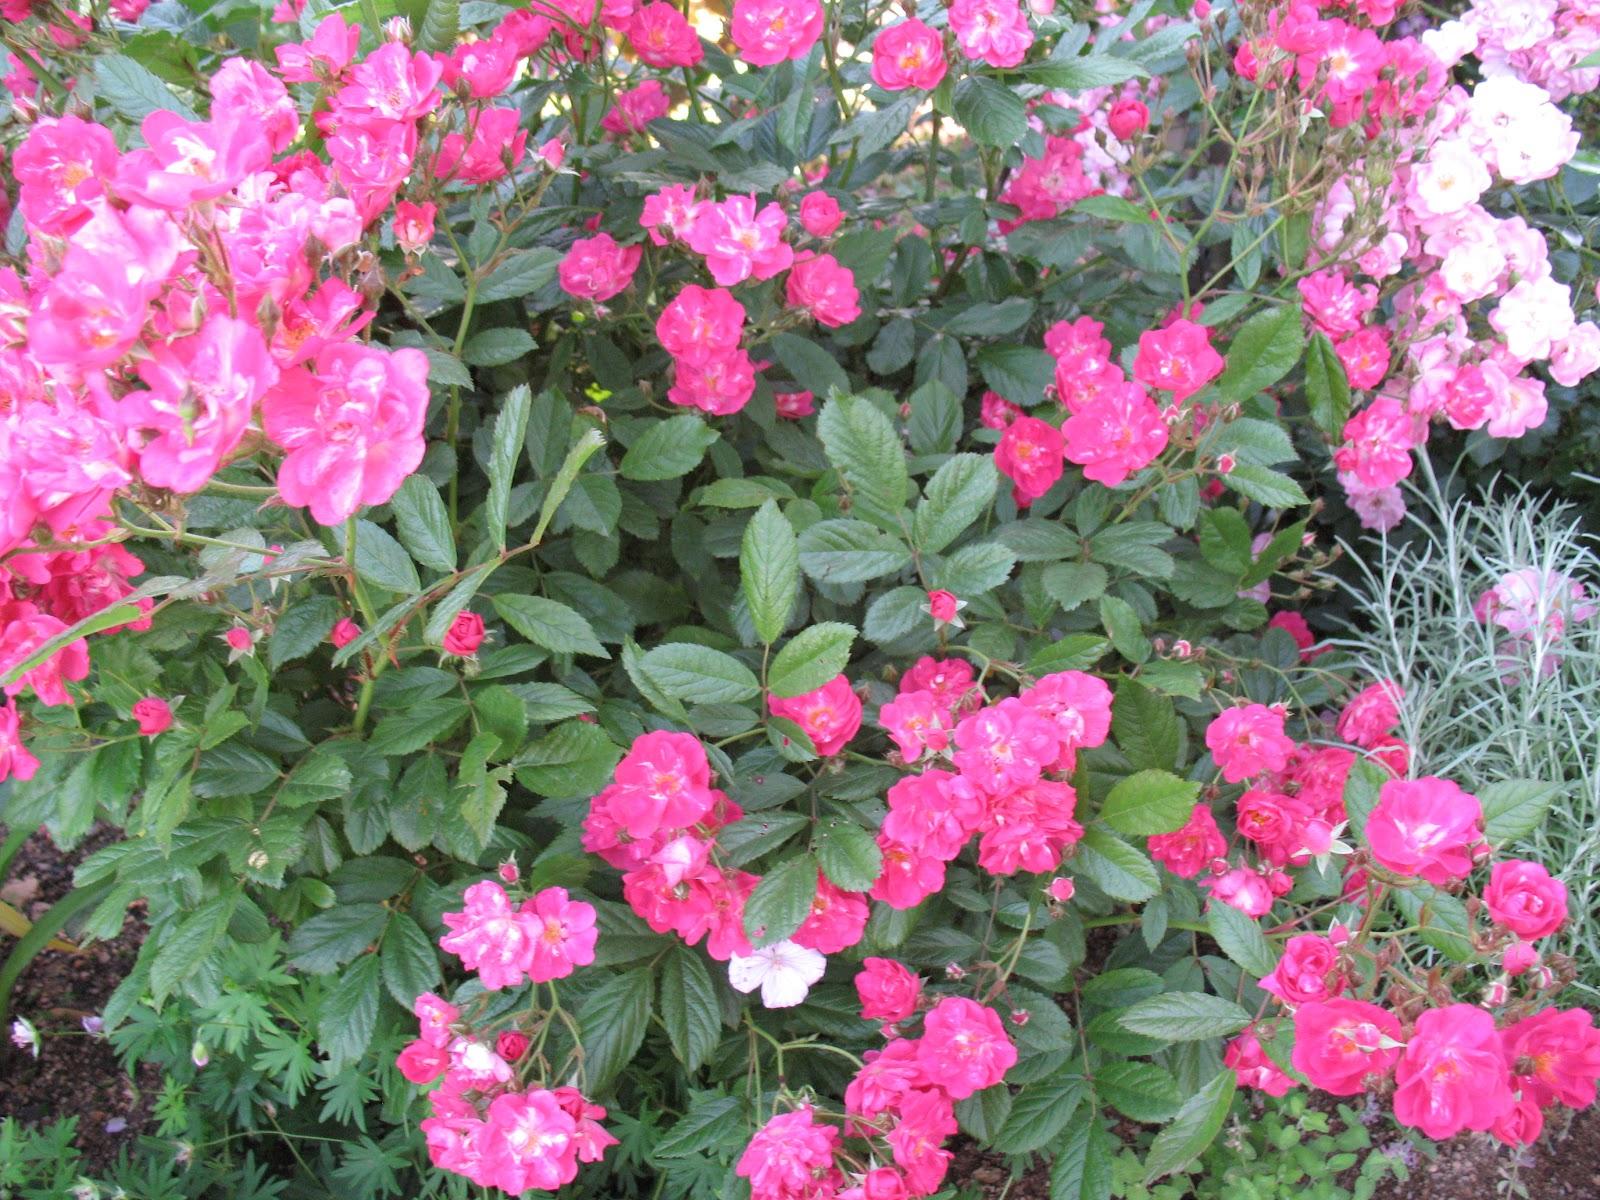 roses du jardin ch neland rosier robin hood. Black Bedroom Furniture Sets. Home Design Ideas